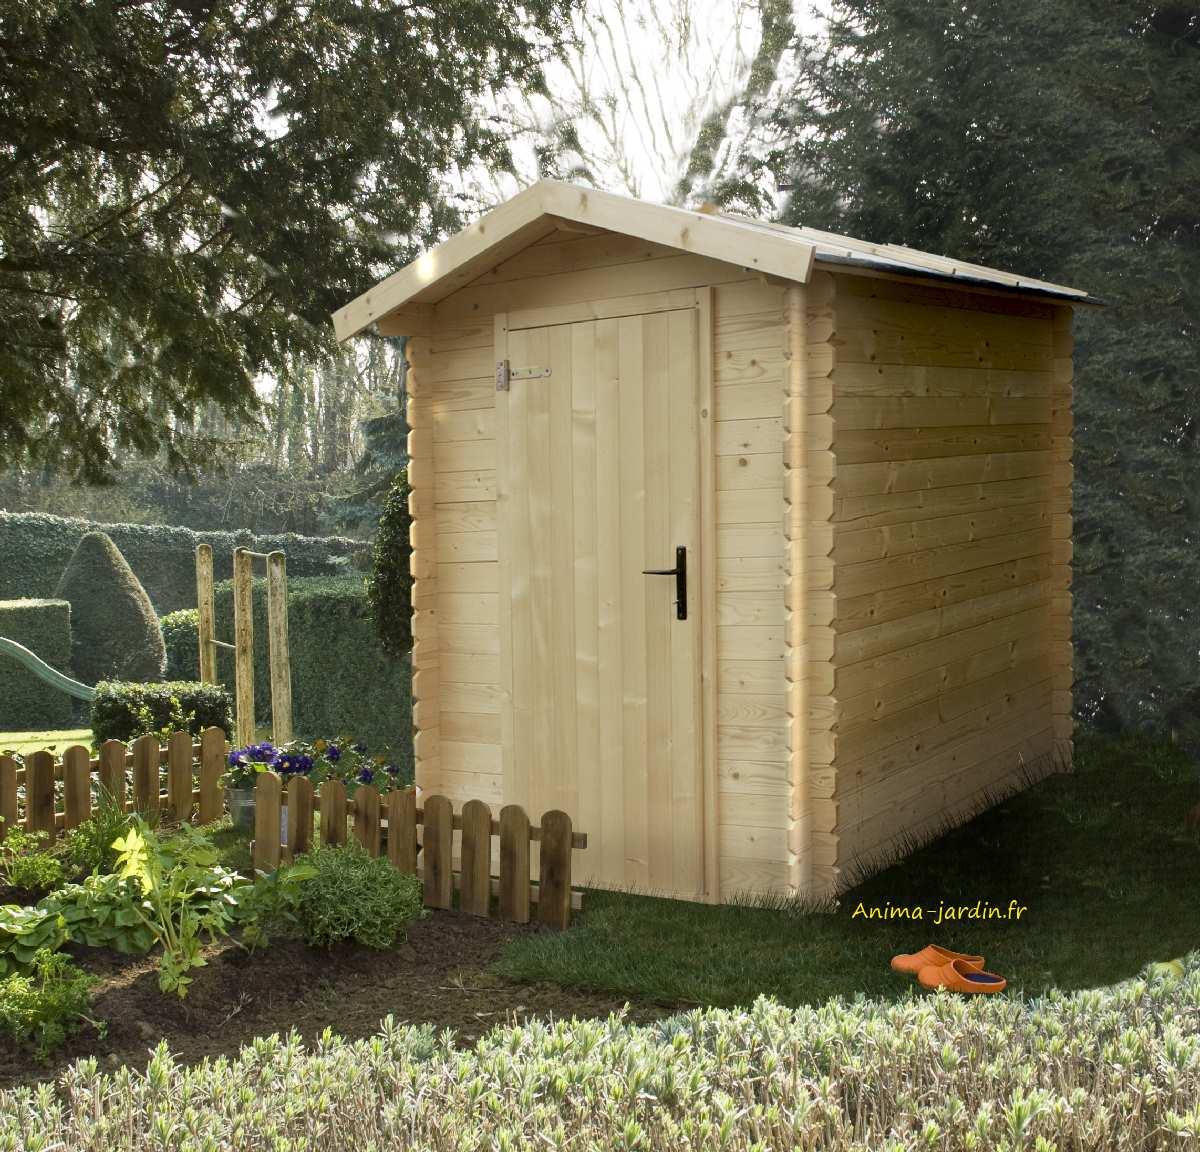 Petit Abri Jardin, 19Mm, Bex, 2.43M², Pas Cher, Vélo ... avec Abri Jardin Pas Cher